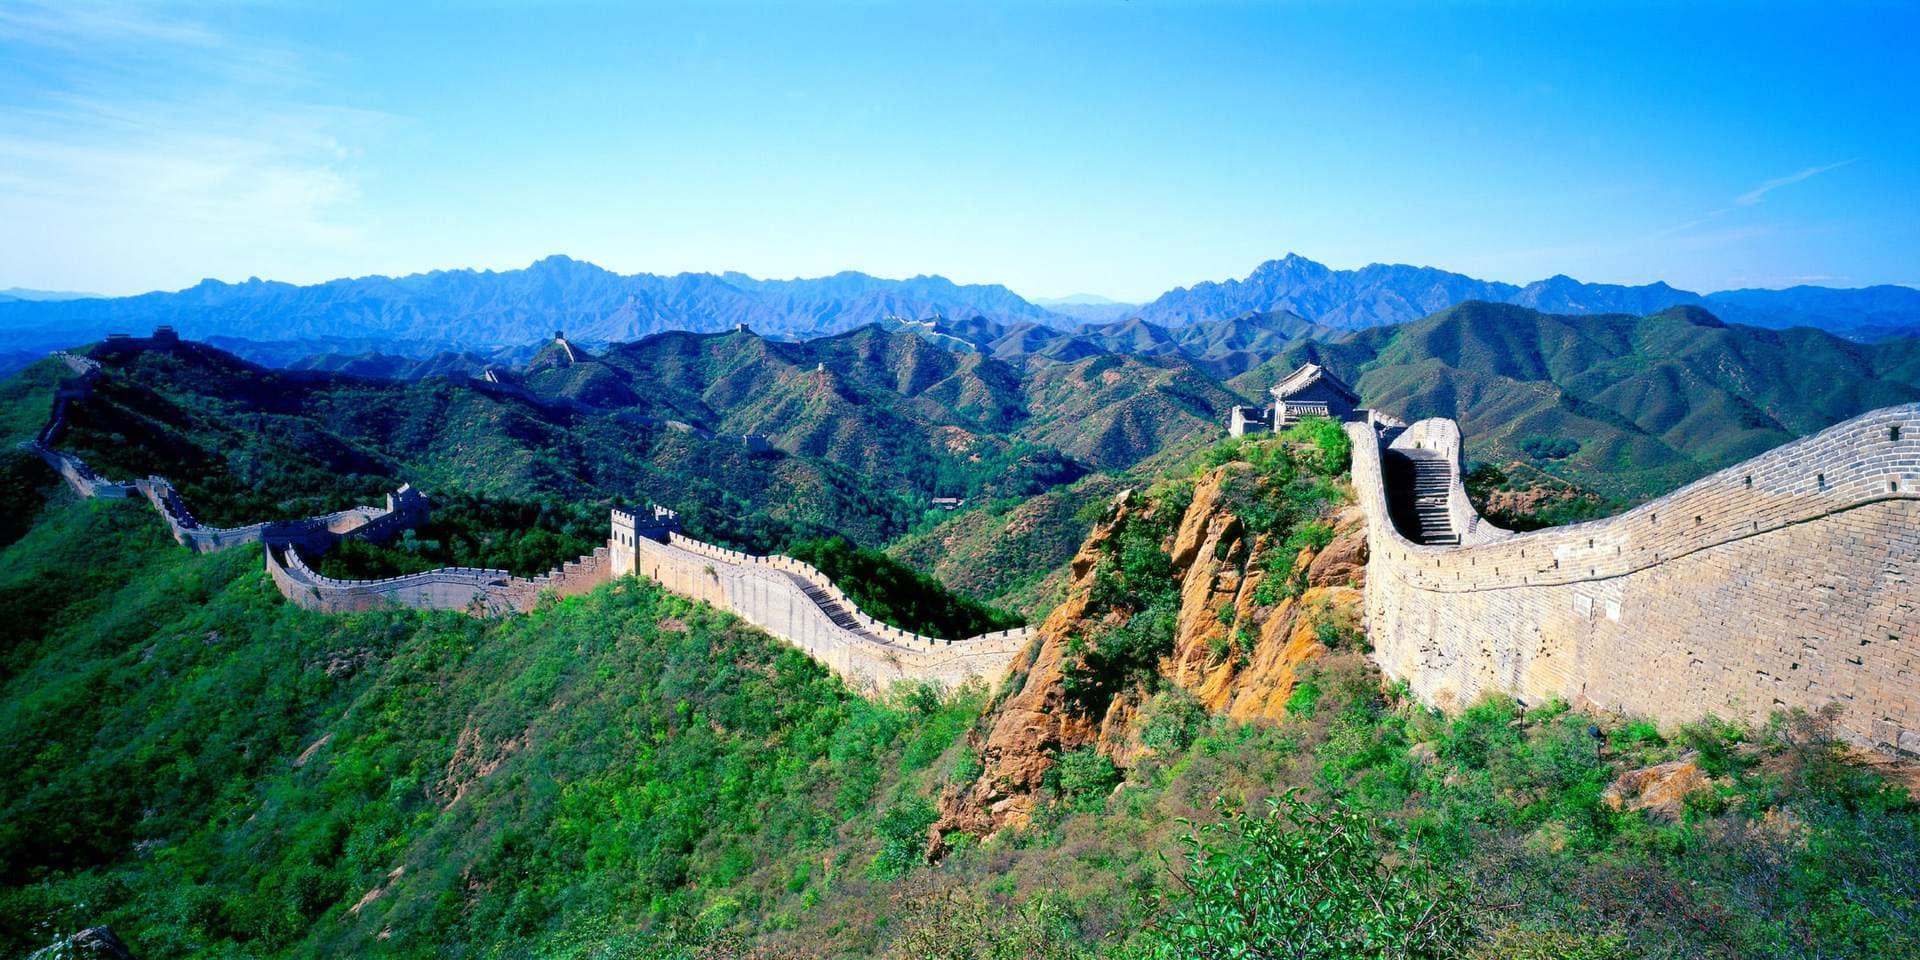 Radreise China Asien